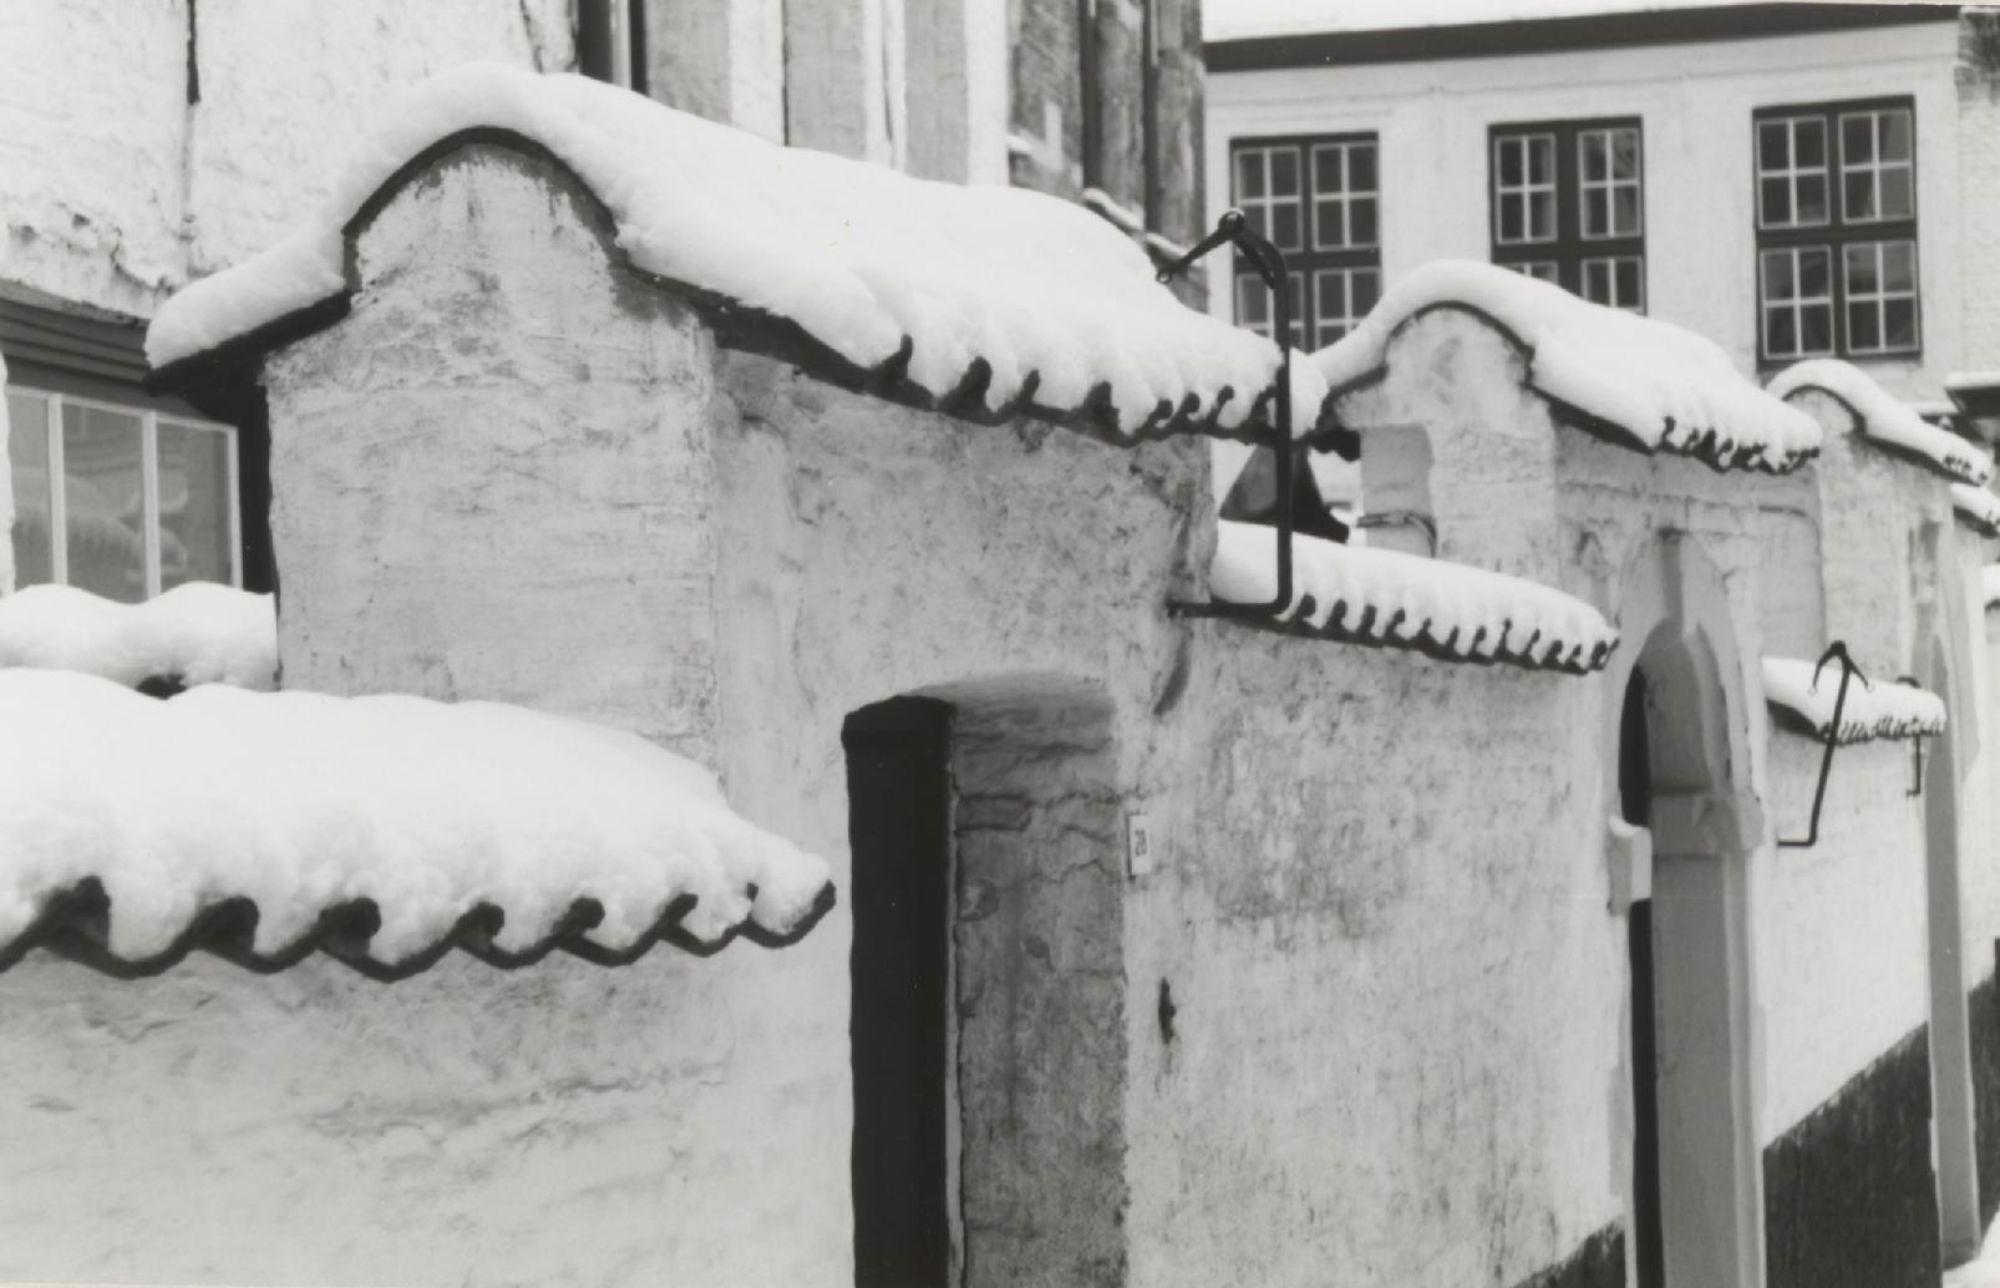 Begijnhof in de sneeuw